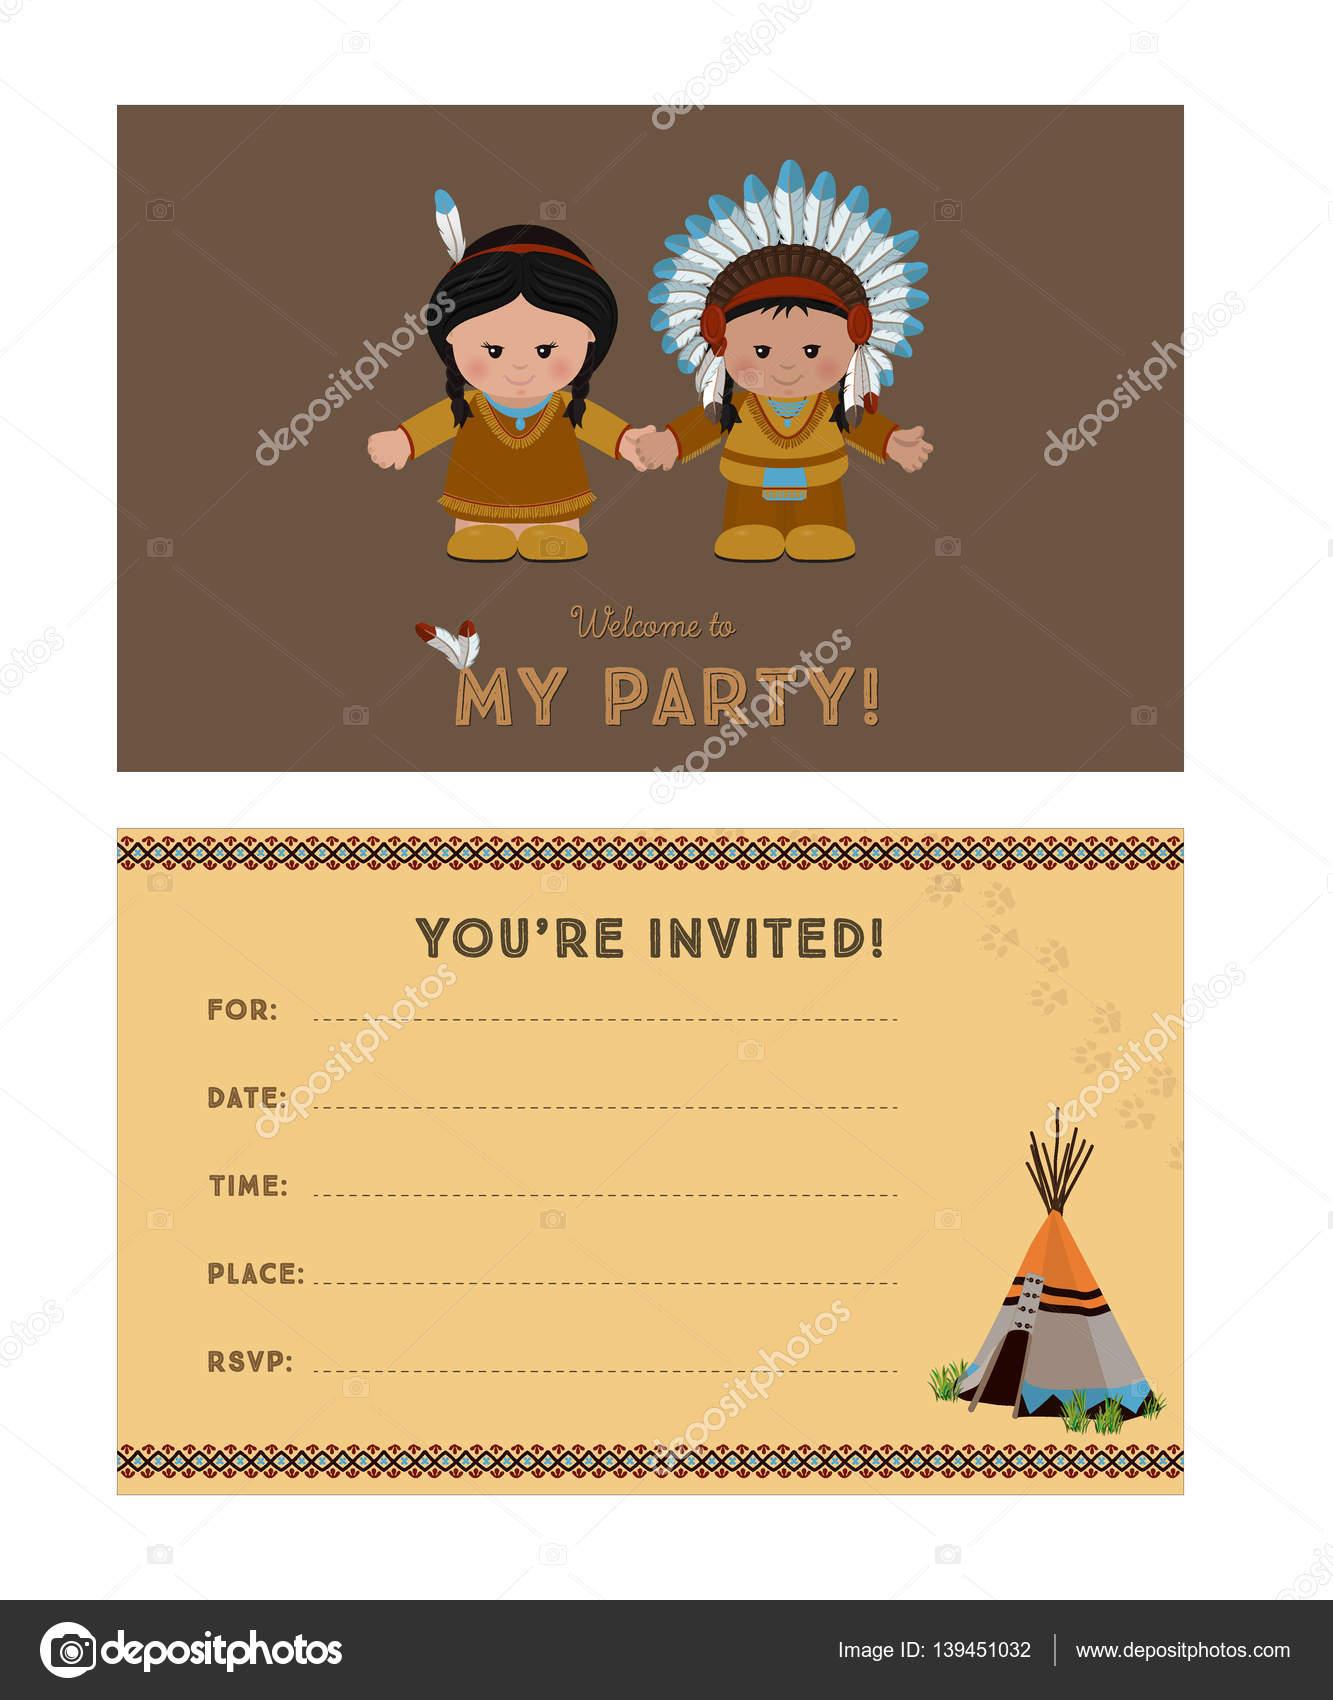 открытка приглашение с индейцами бабушки нередко спасались